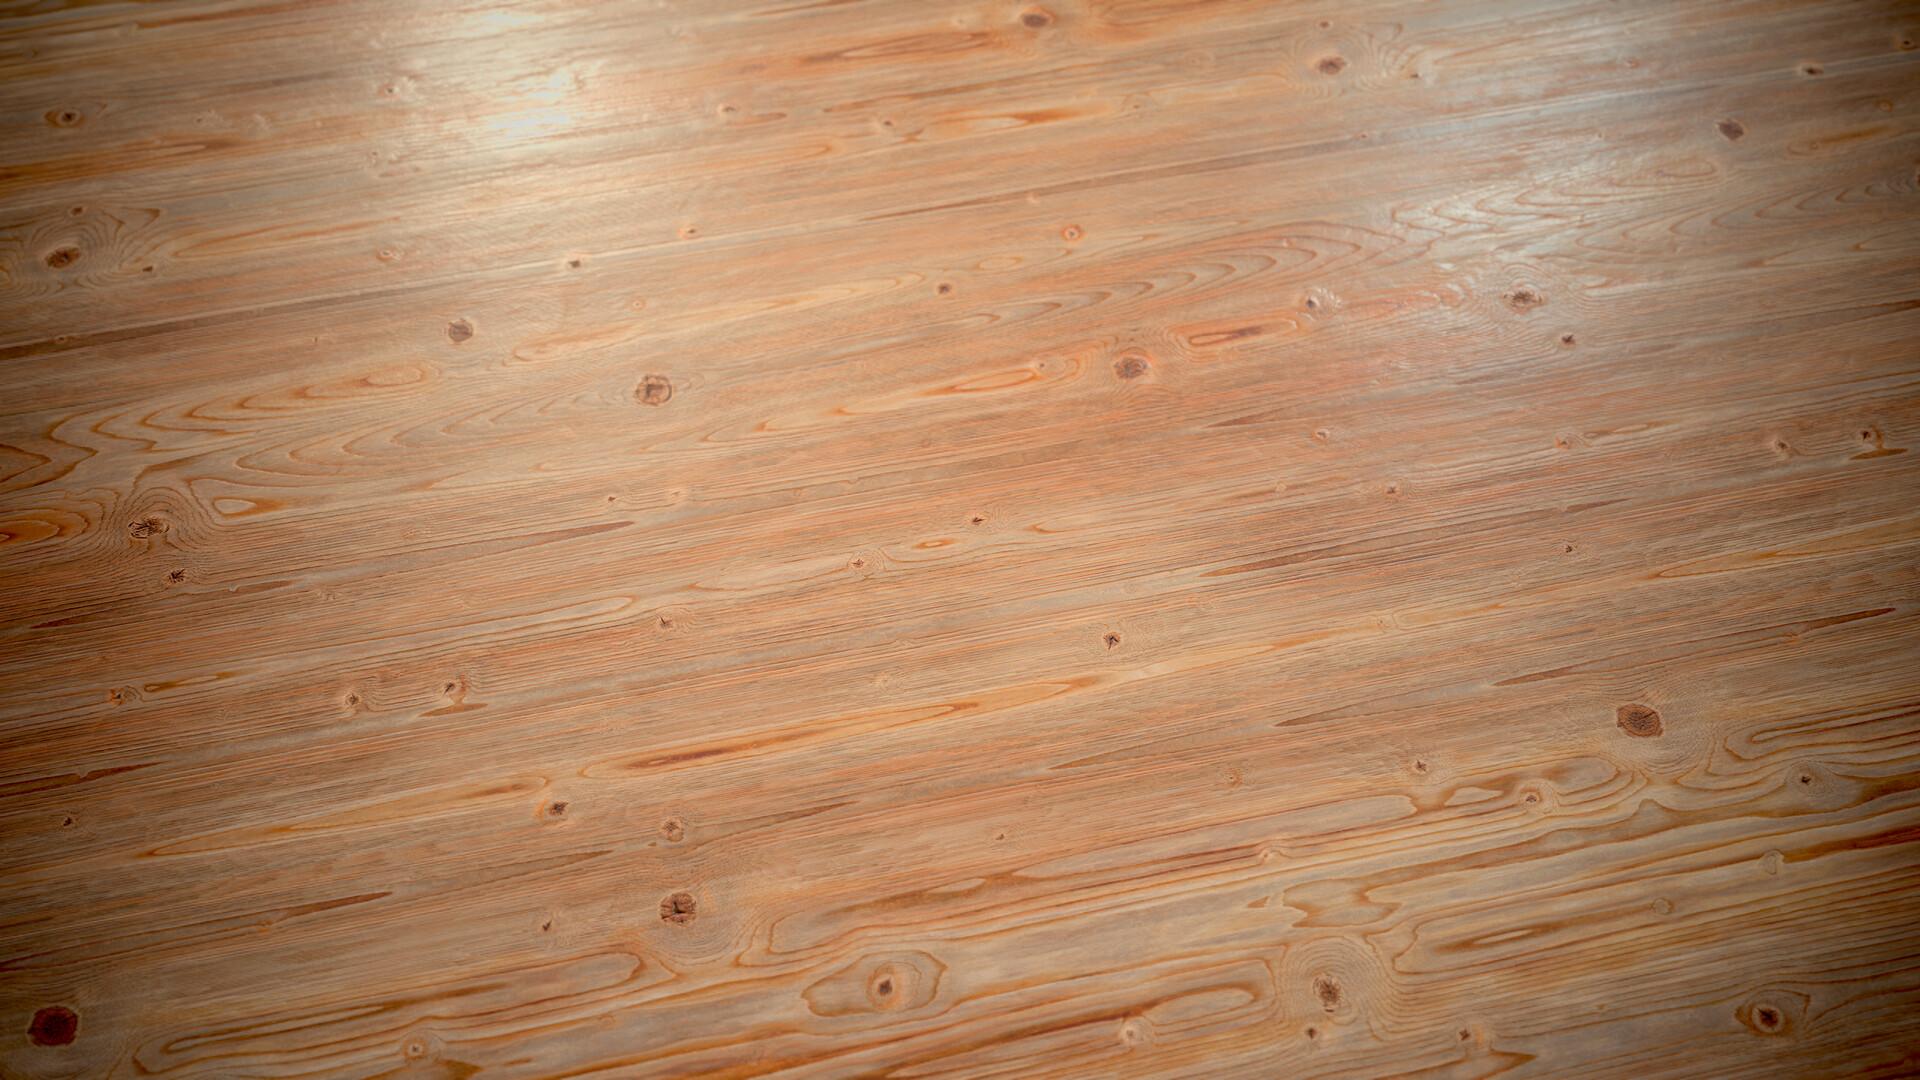 Derk elshof wood 3